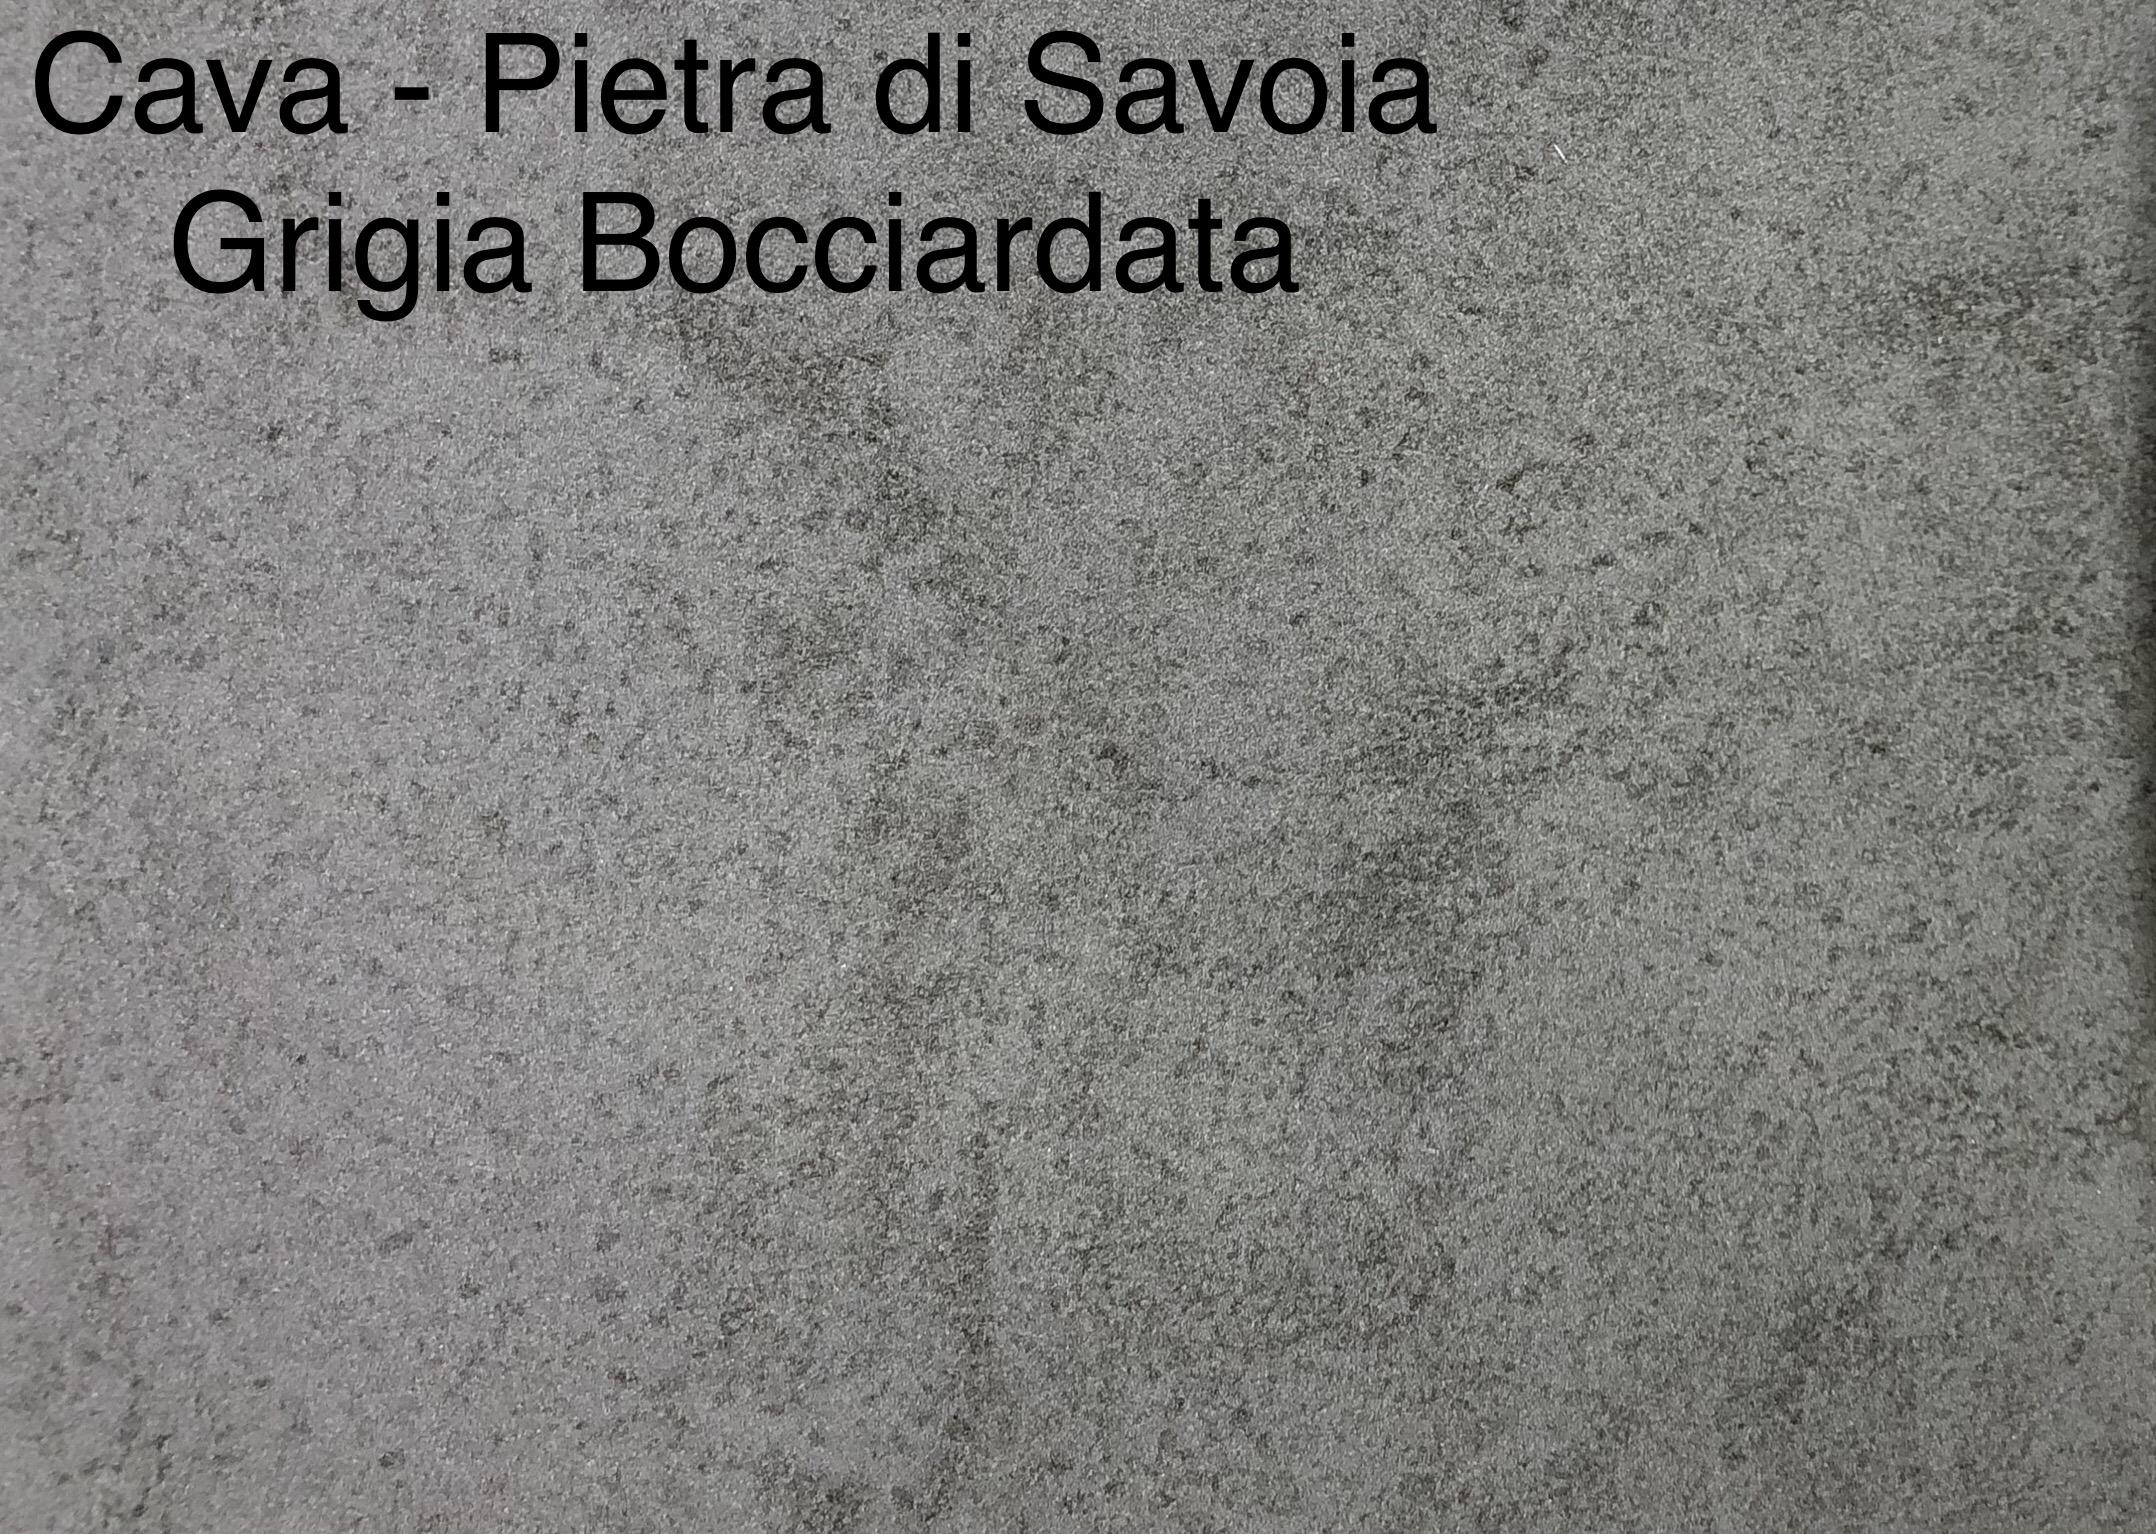 CAVA - PIETRA DI SAVOIA GRIGIO BOCCIARDATA